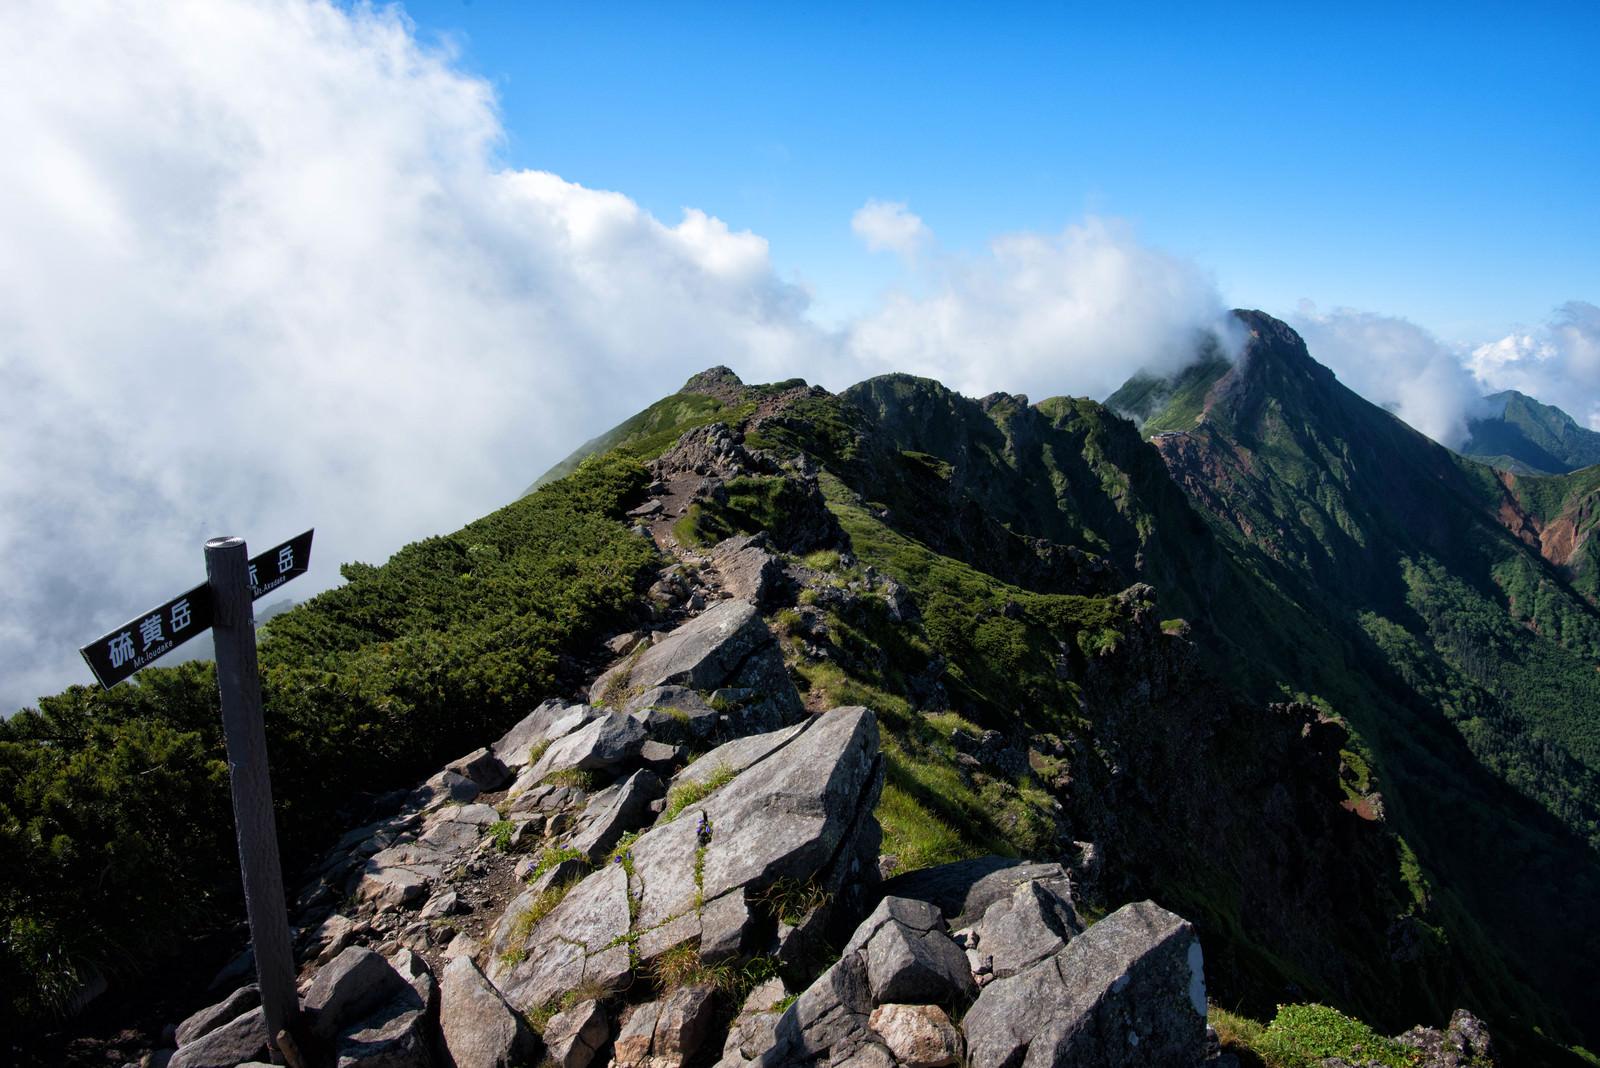 「横岳から赤岳へ繋がる縦走路(八ヶ岳)」の写真